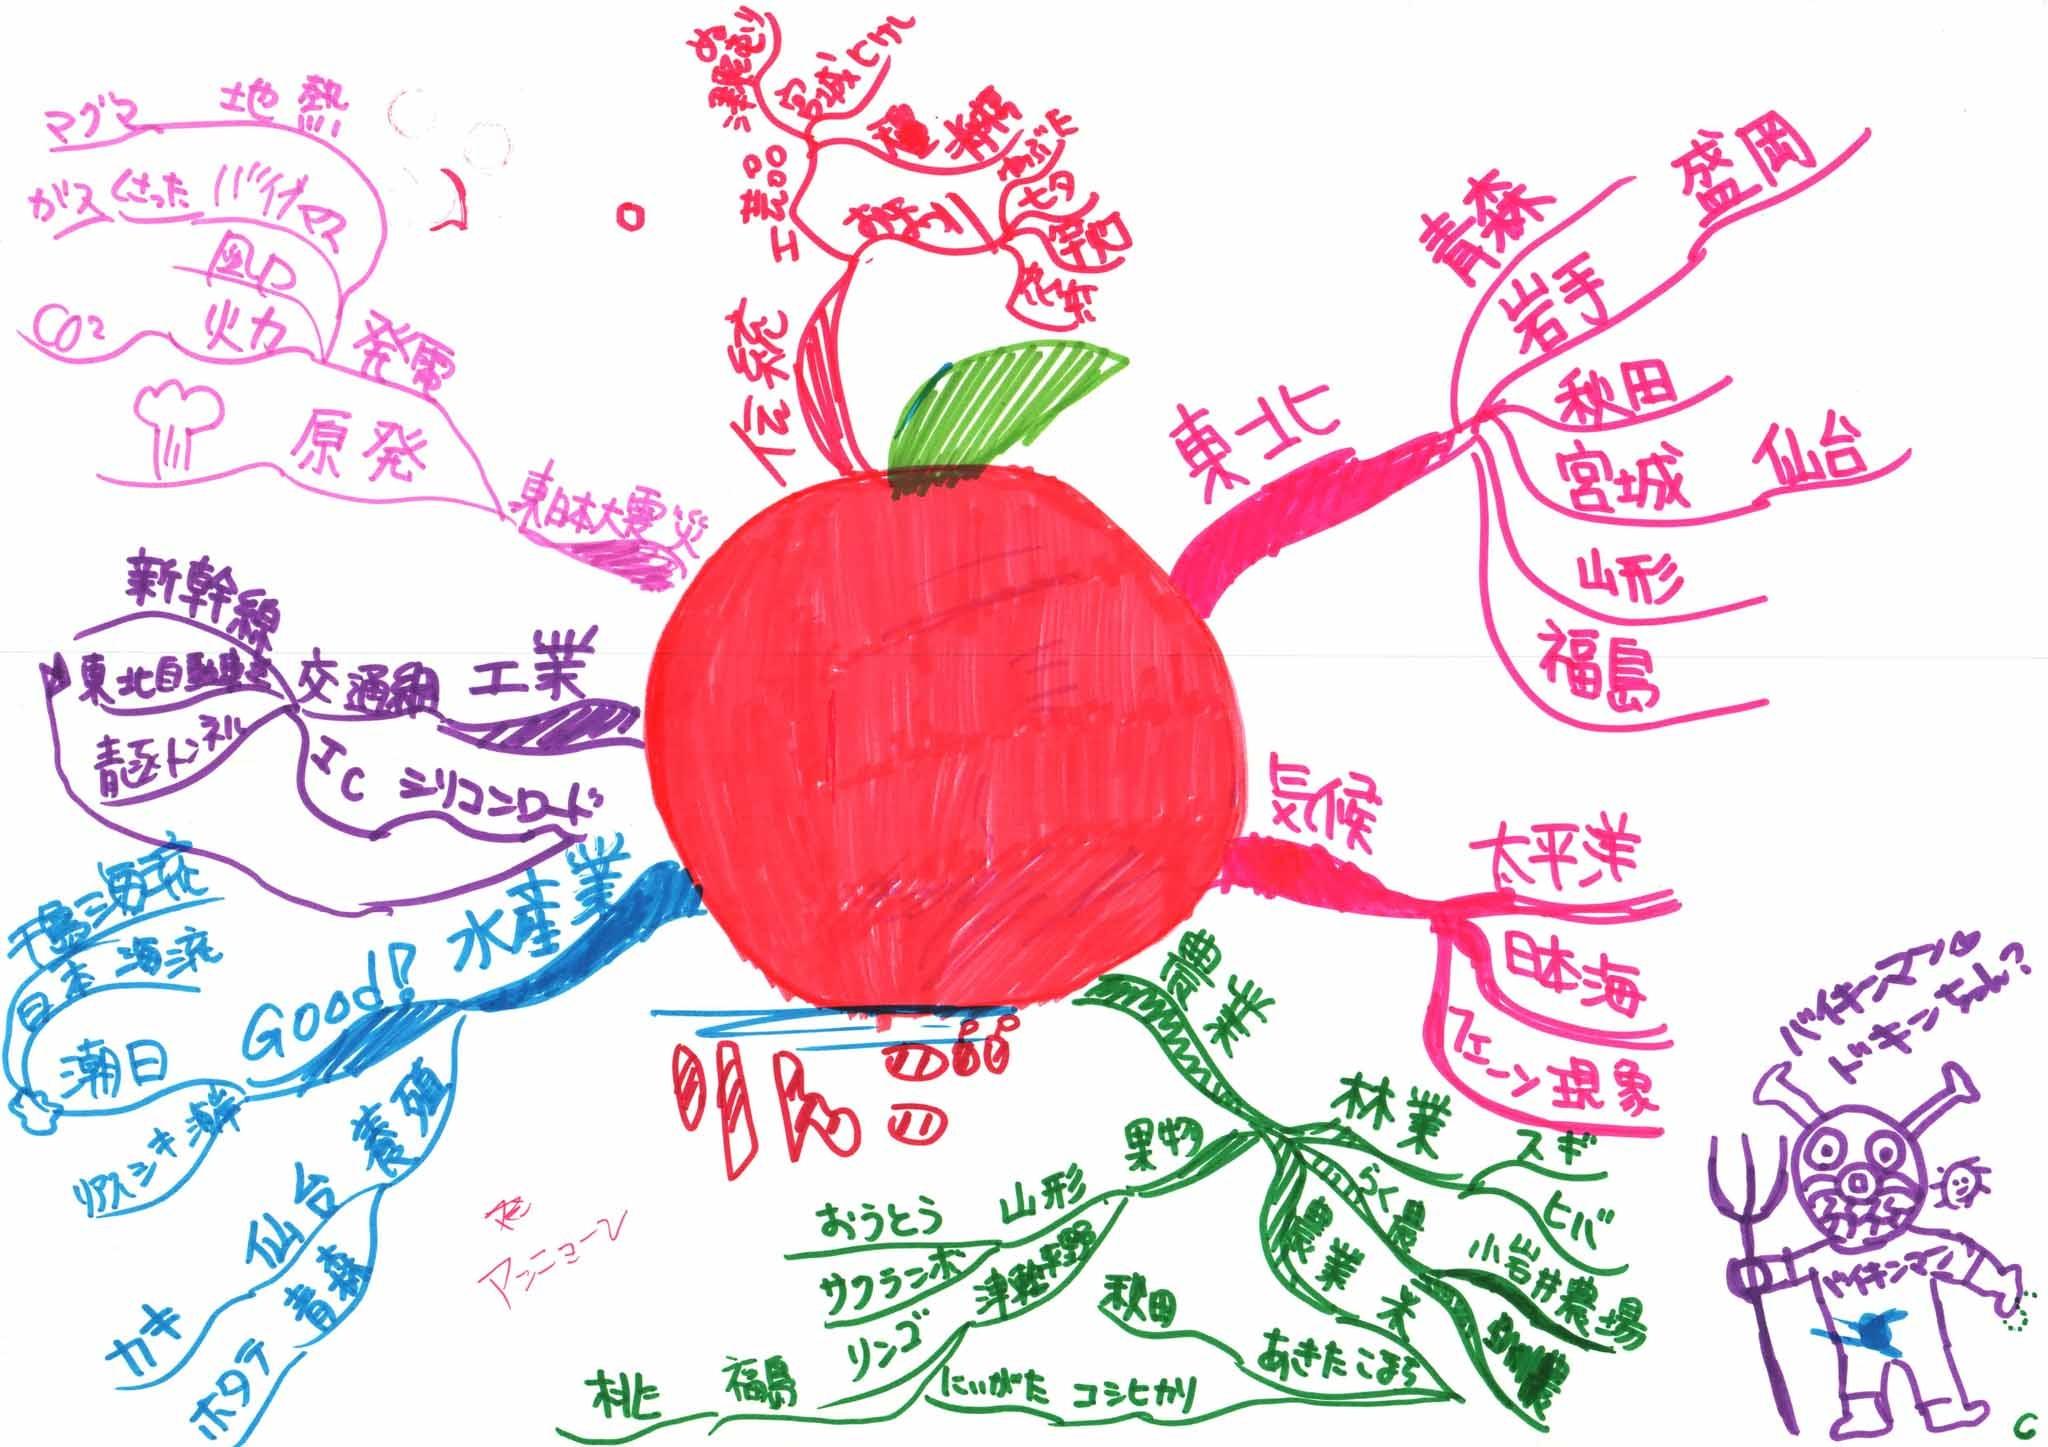 国語 3年生 国語 : ... を楽しんできた6年生たち